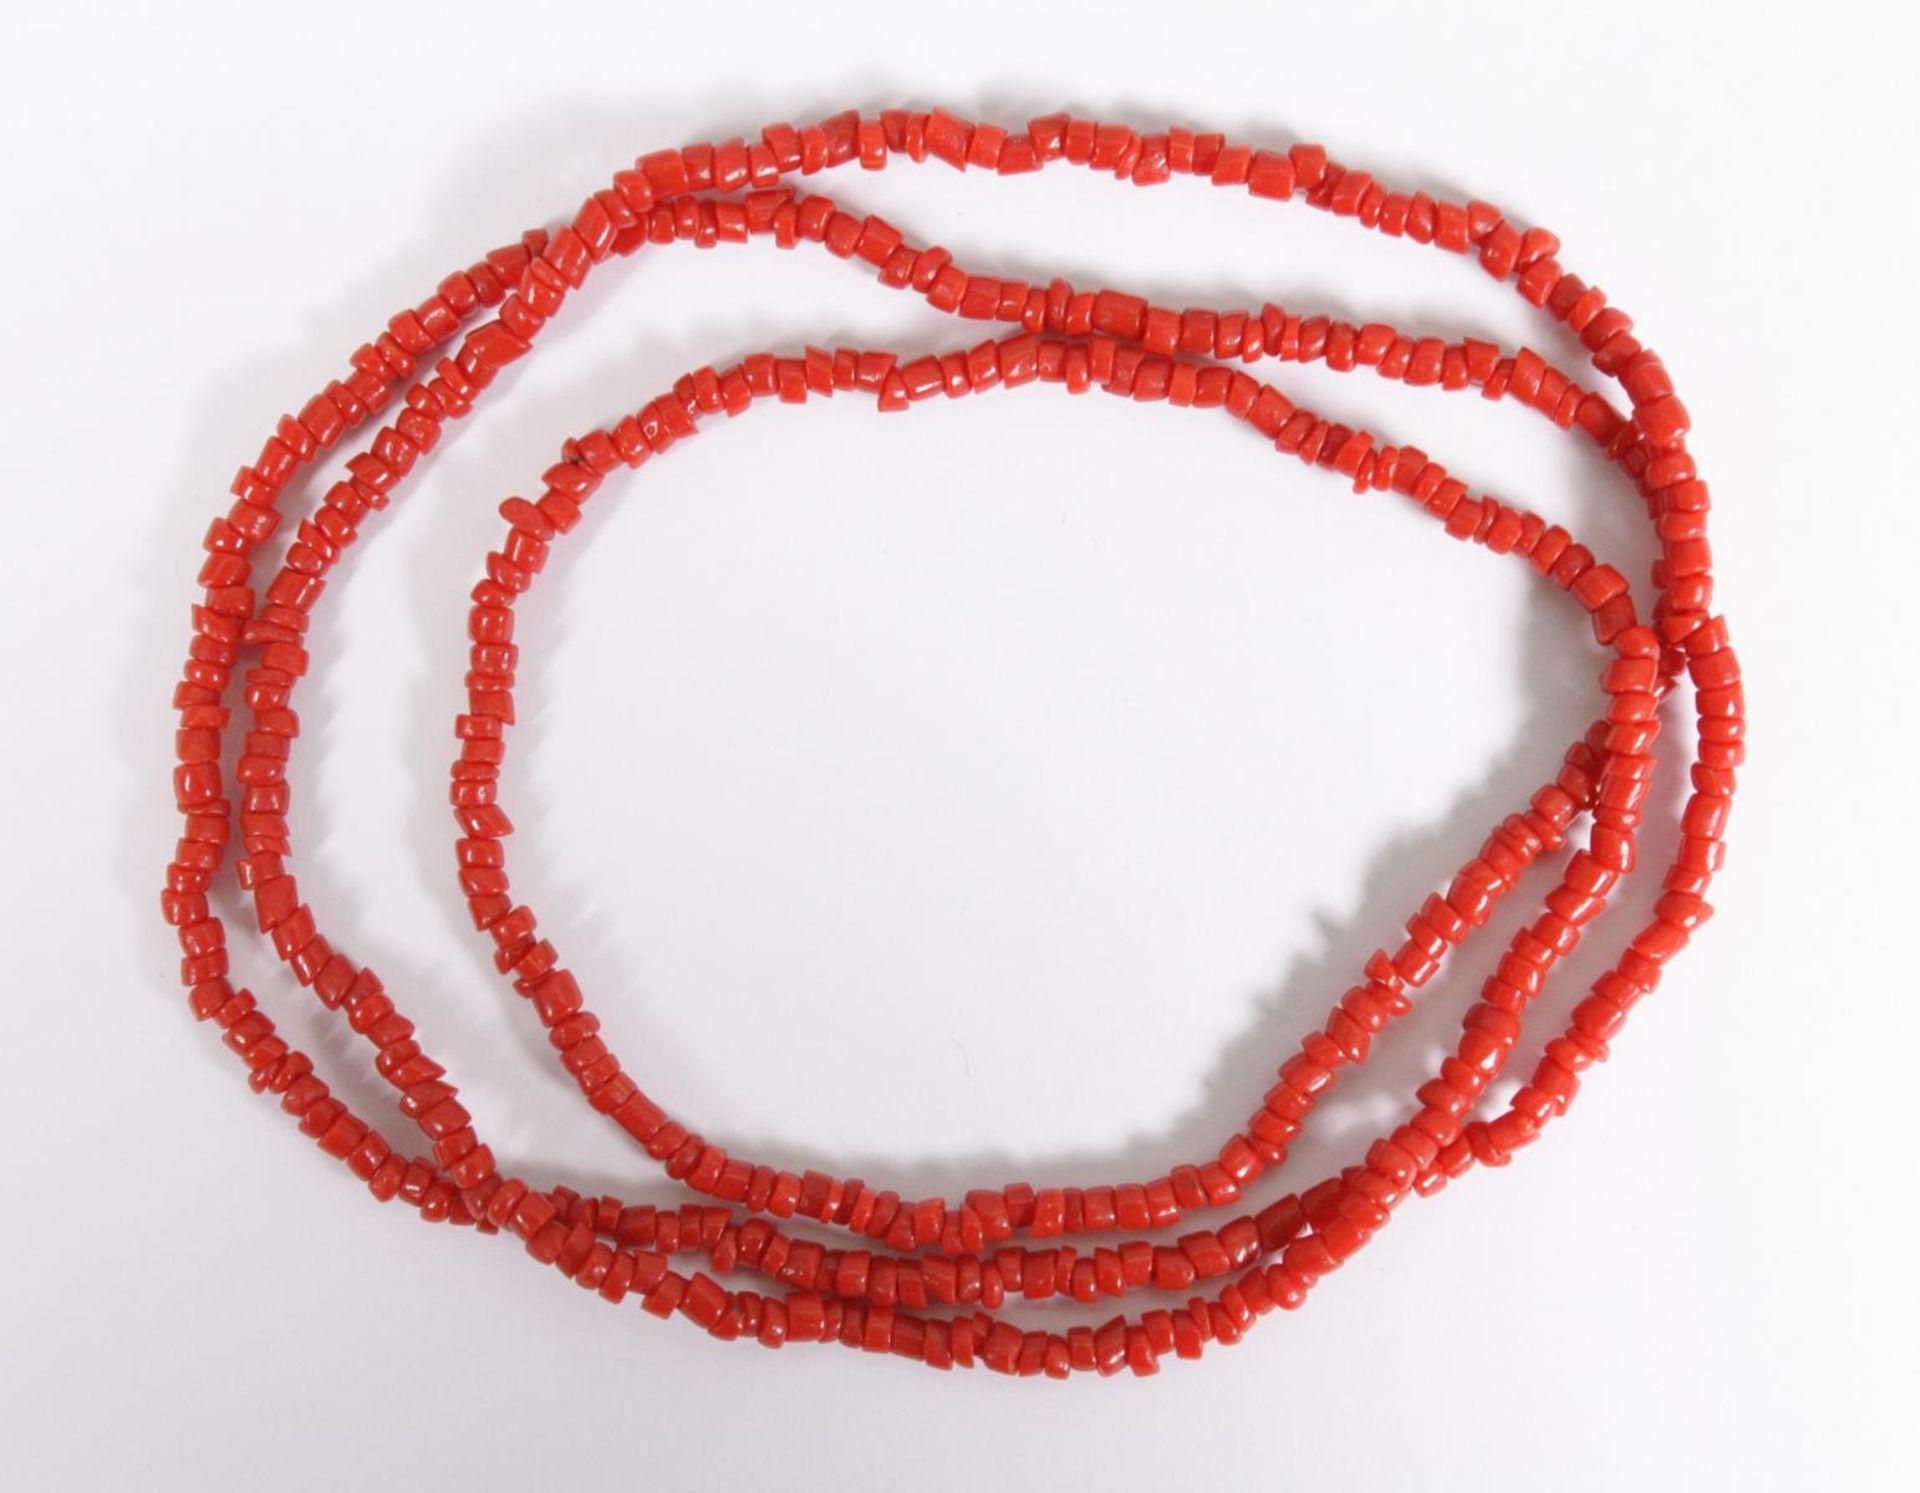 Halskette aus roten Korallenstücken